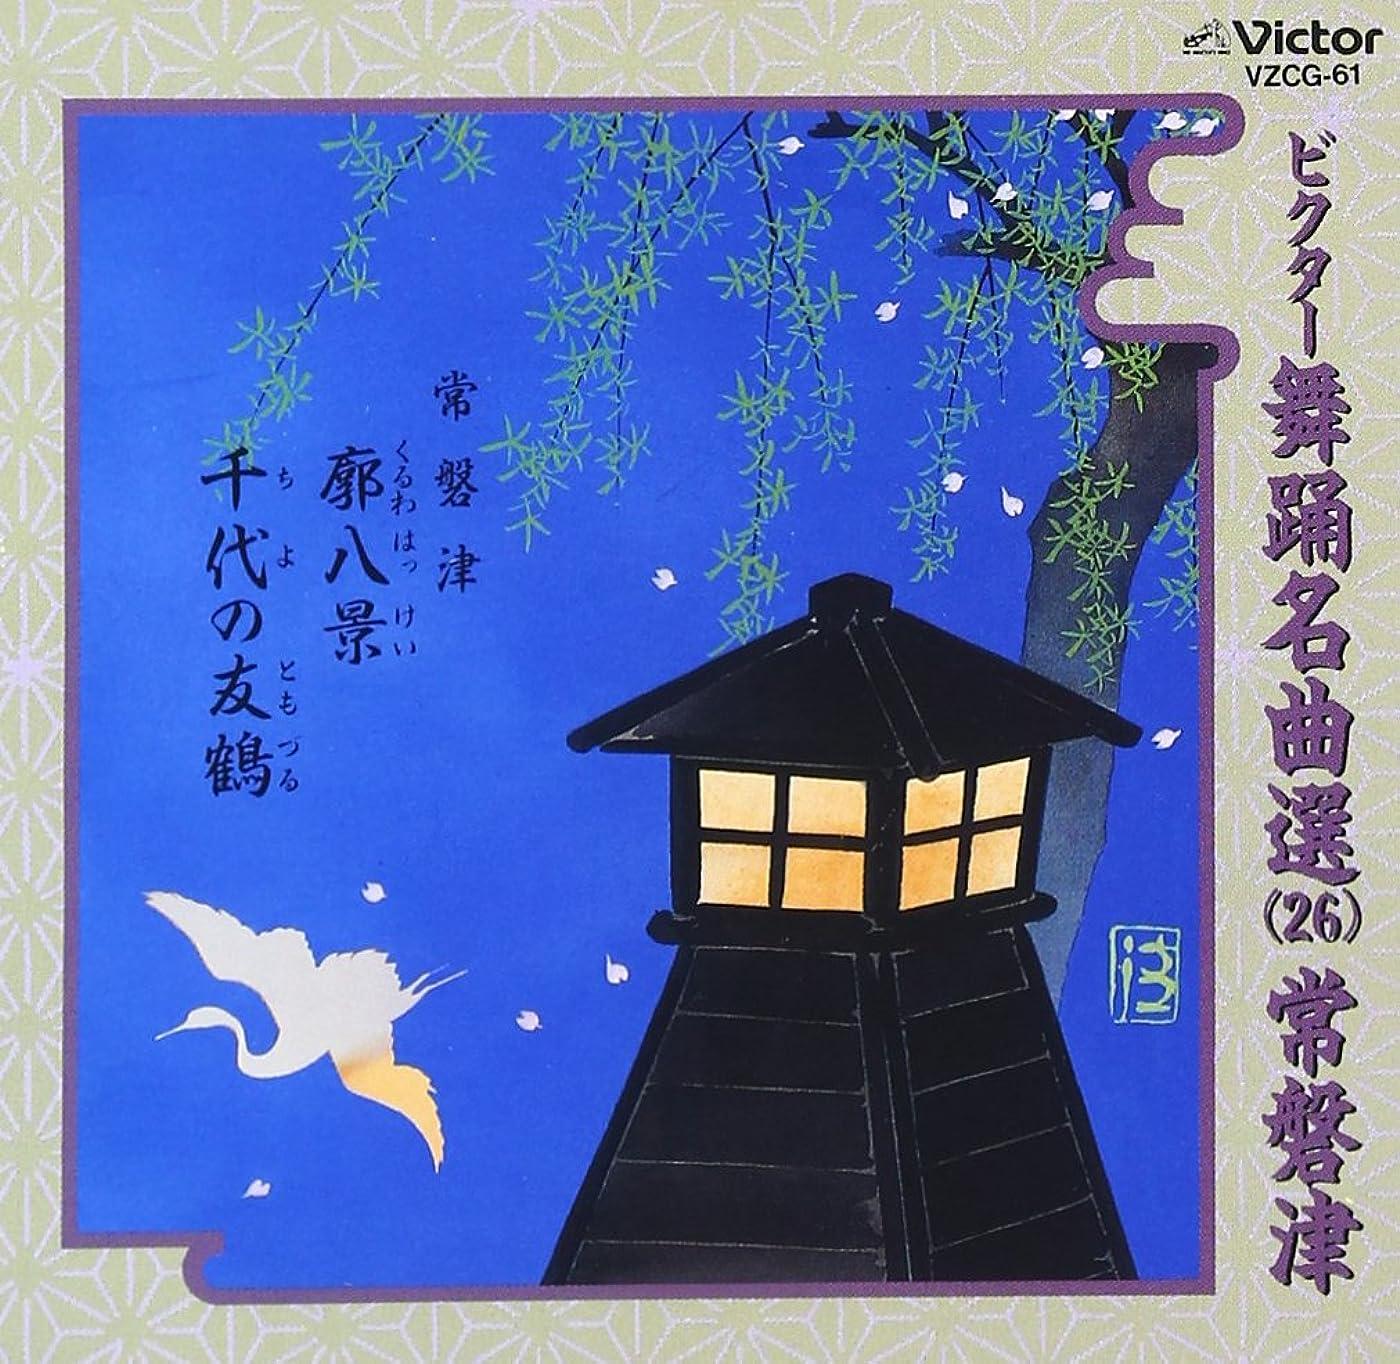 加入収まる出席する邦楽舞踊シリーズ 常磐津 千代の友鶴/菊の盃